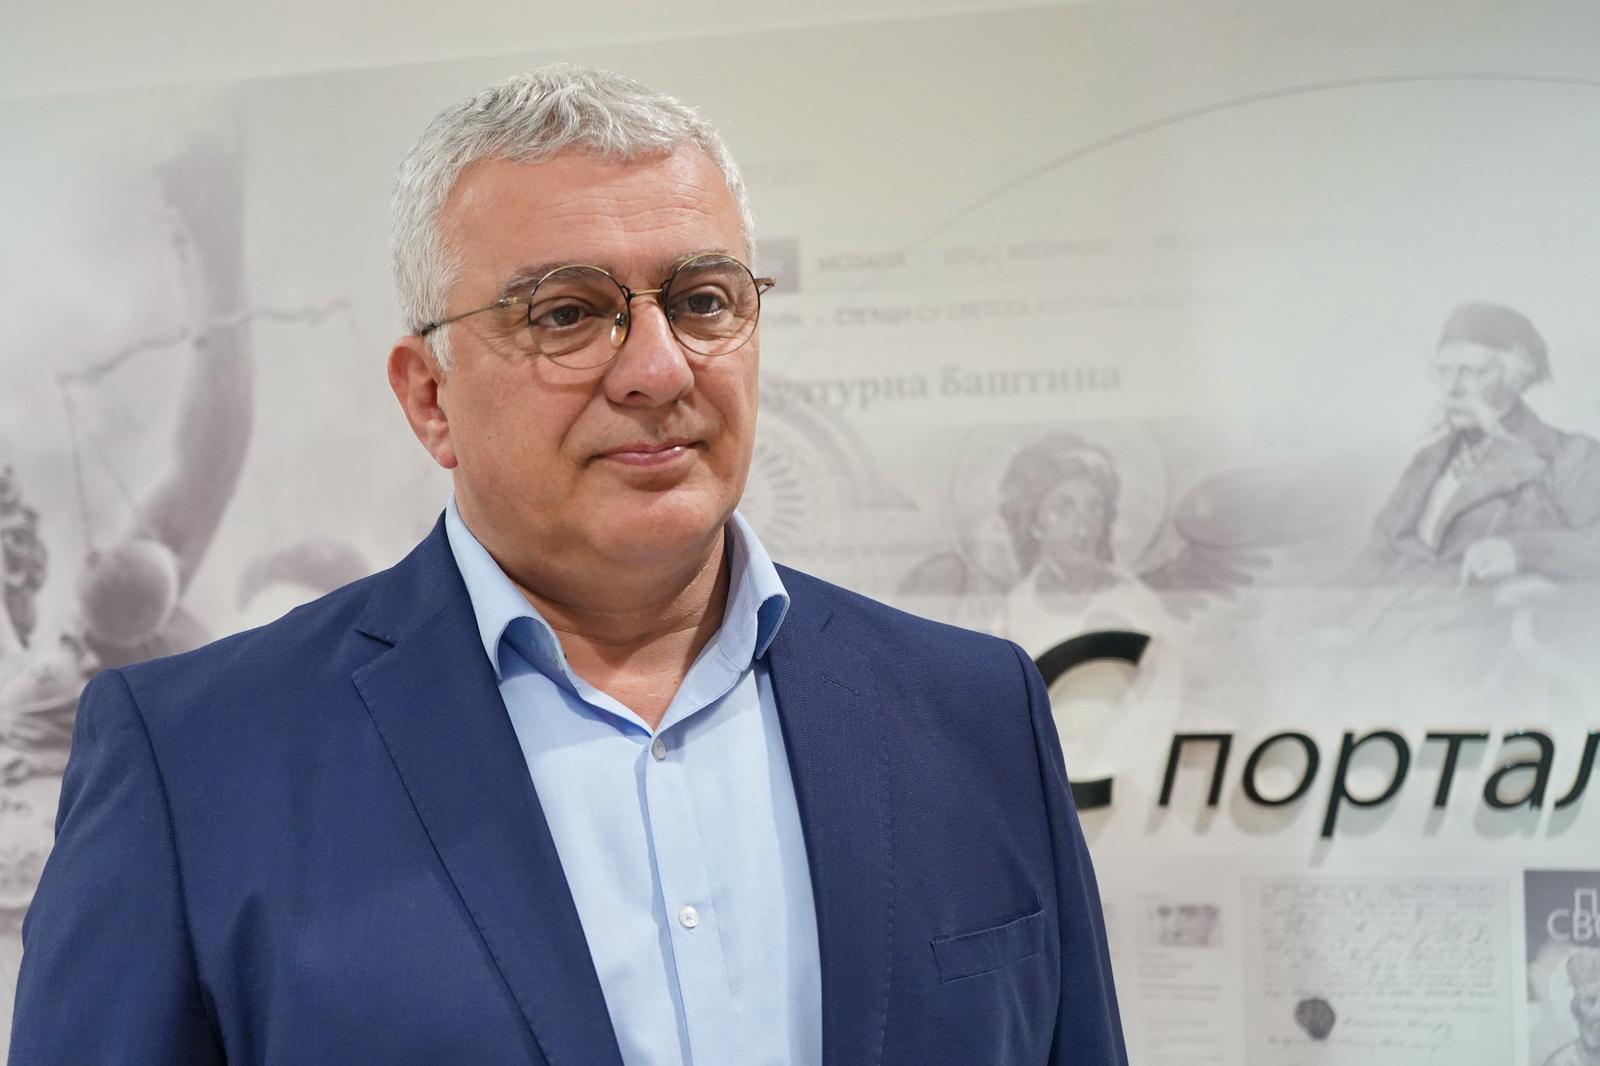 Мандић: Непотписивањем Темељног уговора, Kривокапић је изгубио наше повјерење и подршку